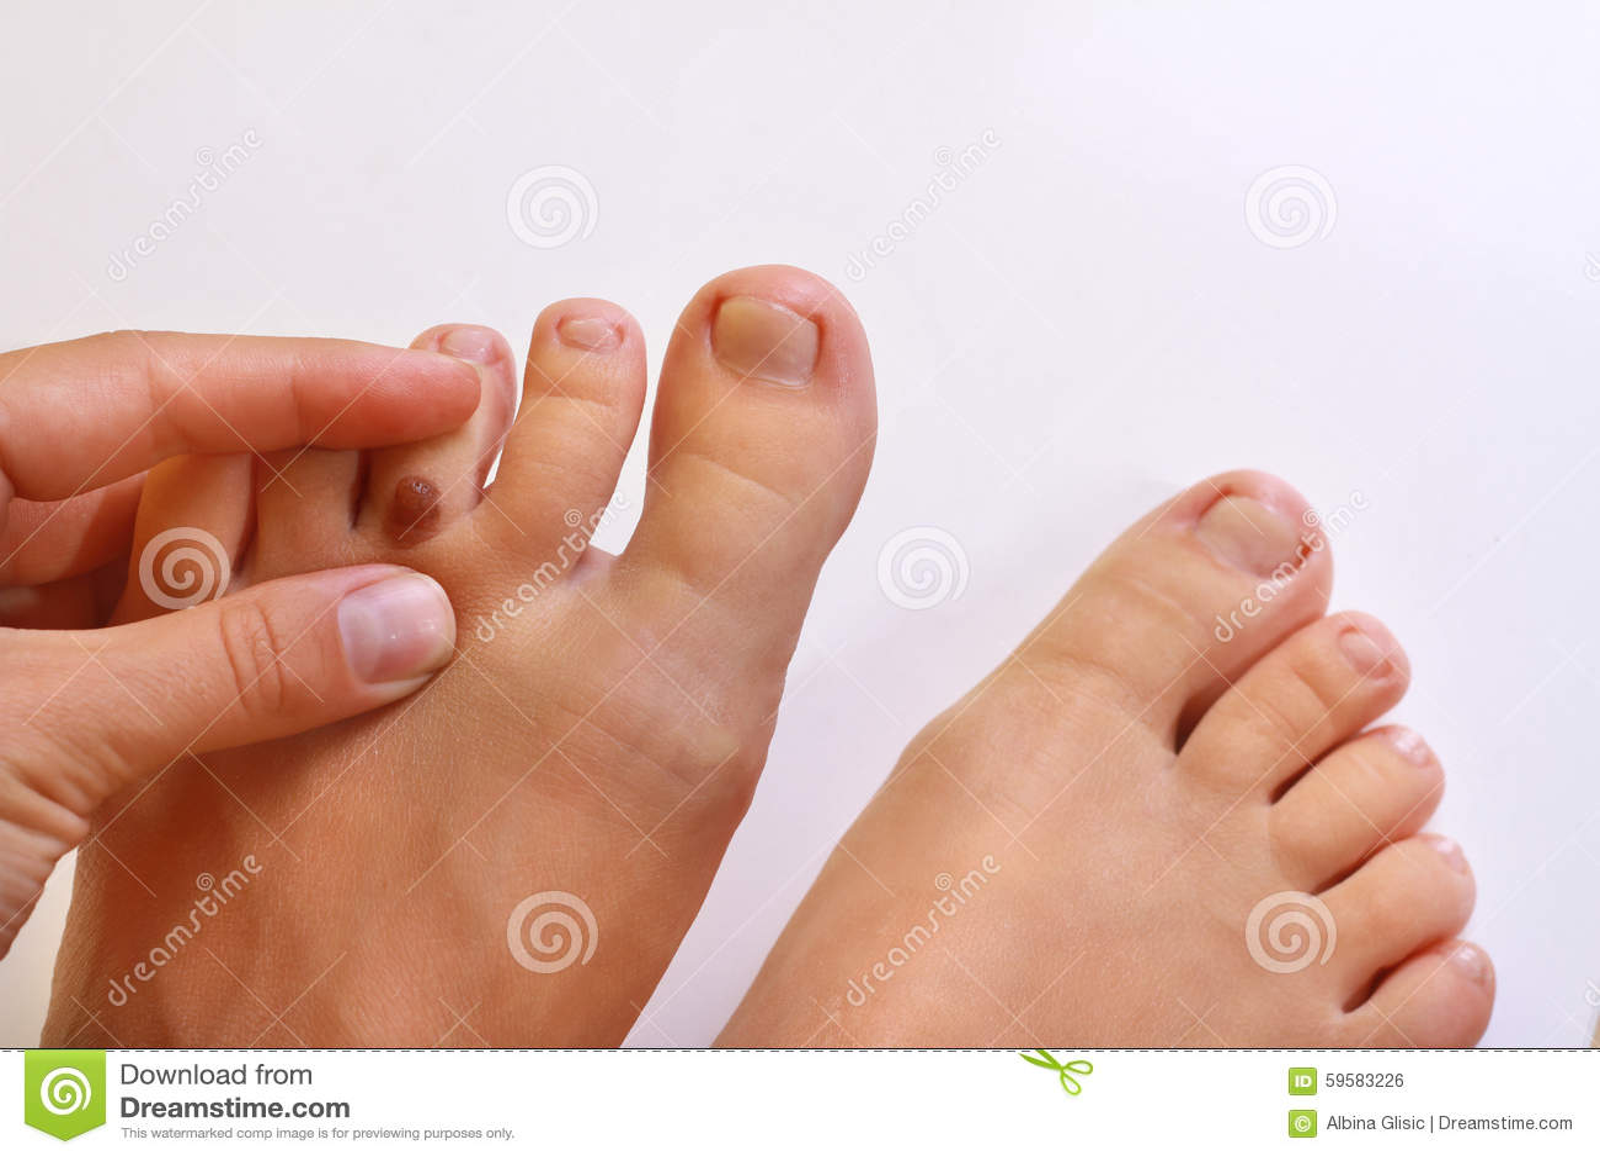 Что означают волосы на пальцах ног